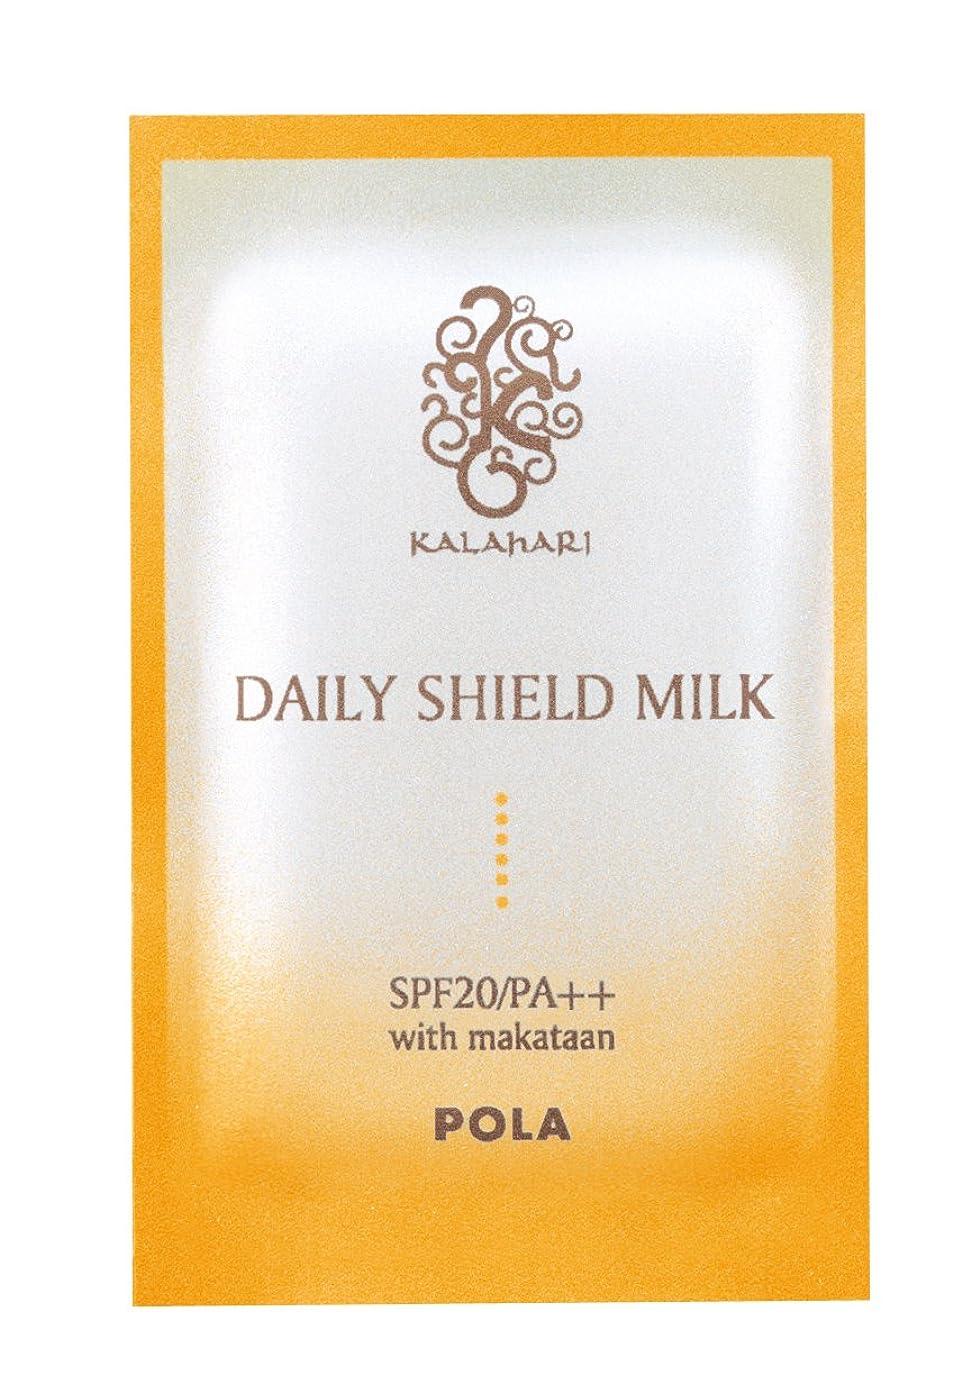 絶壁バーマド賛美歌POLA ポーラ カラハリ デイリーシールドミルク 日焼け止め乳液 SPF20/PA++ 個包装 3ml×100包